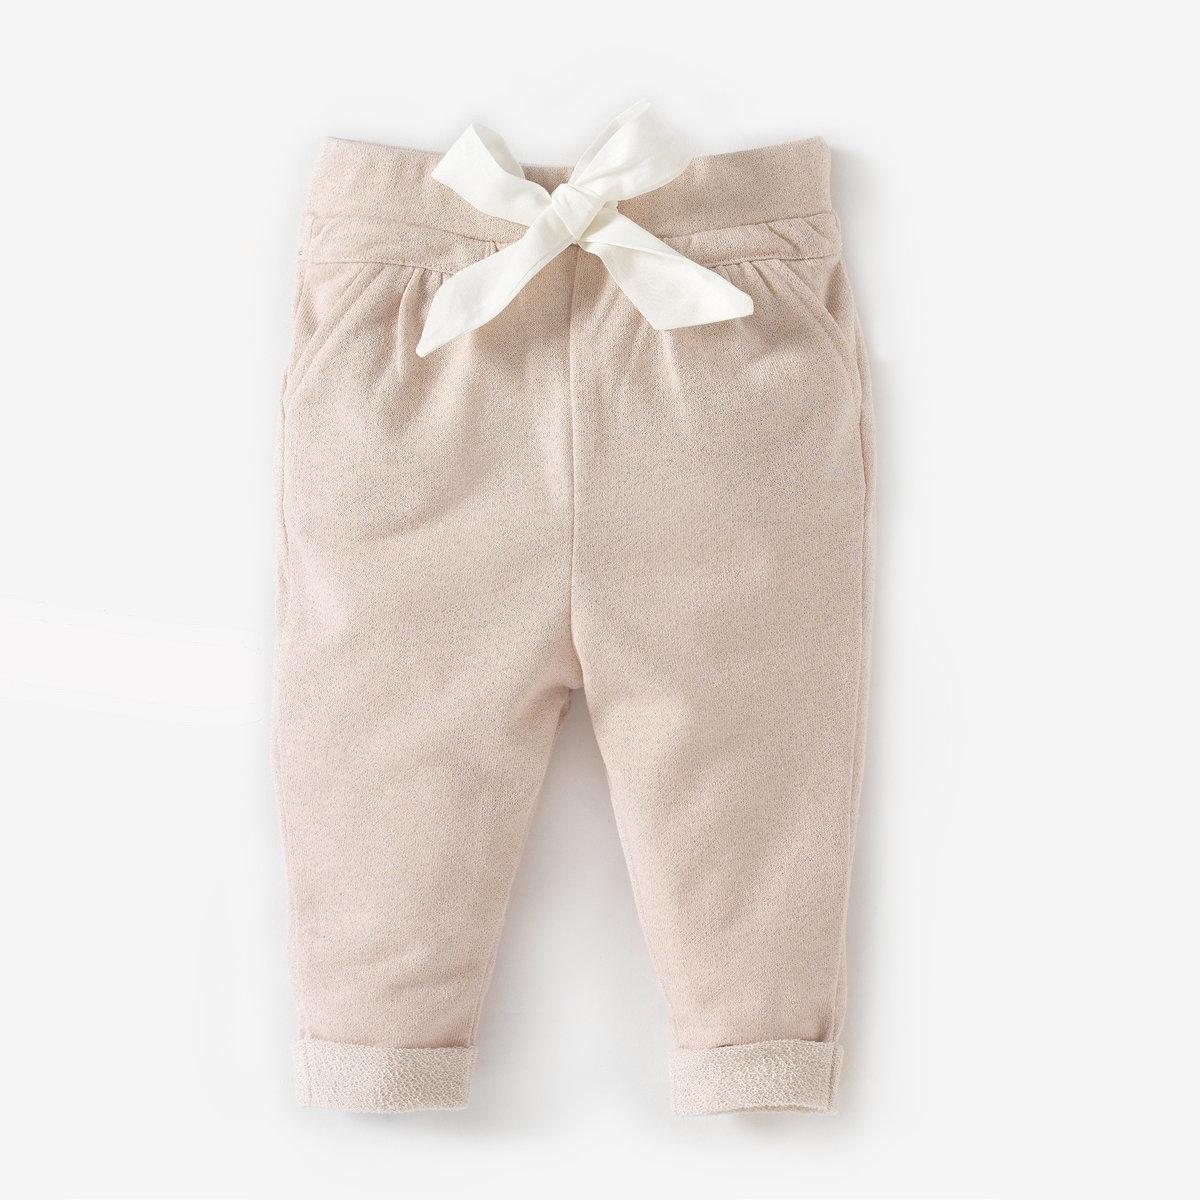 Брюки La Redoute Из мольтона с бантом мес - года 6 мес. - 67 см розовый платье la redoute из мольтона в полоску и тюля мес года 3 года 94 см розовый